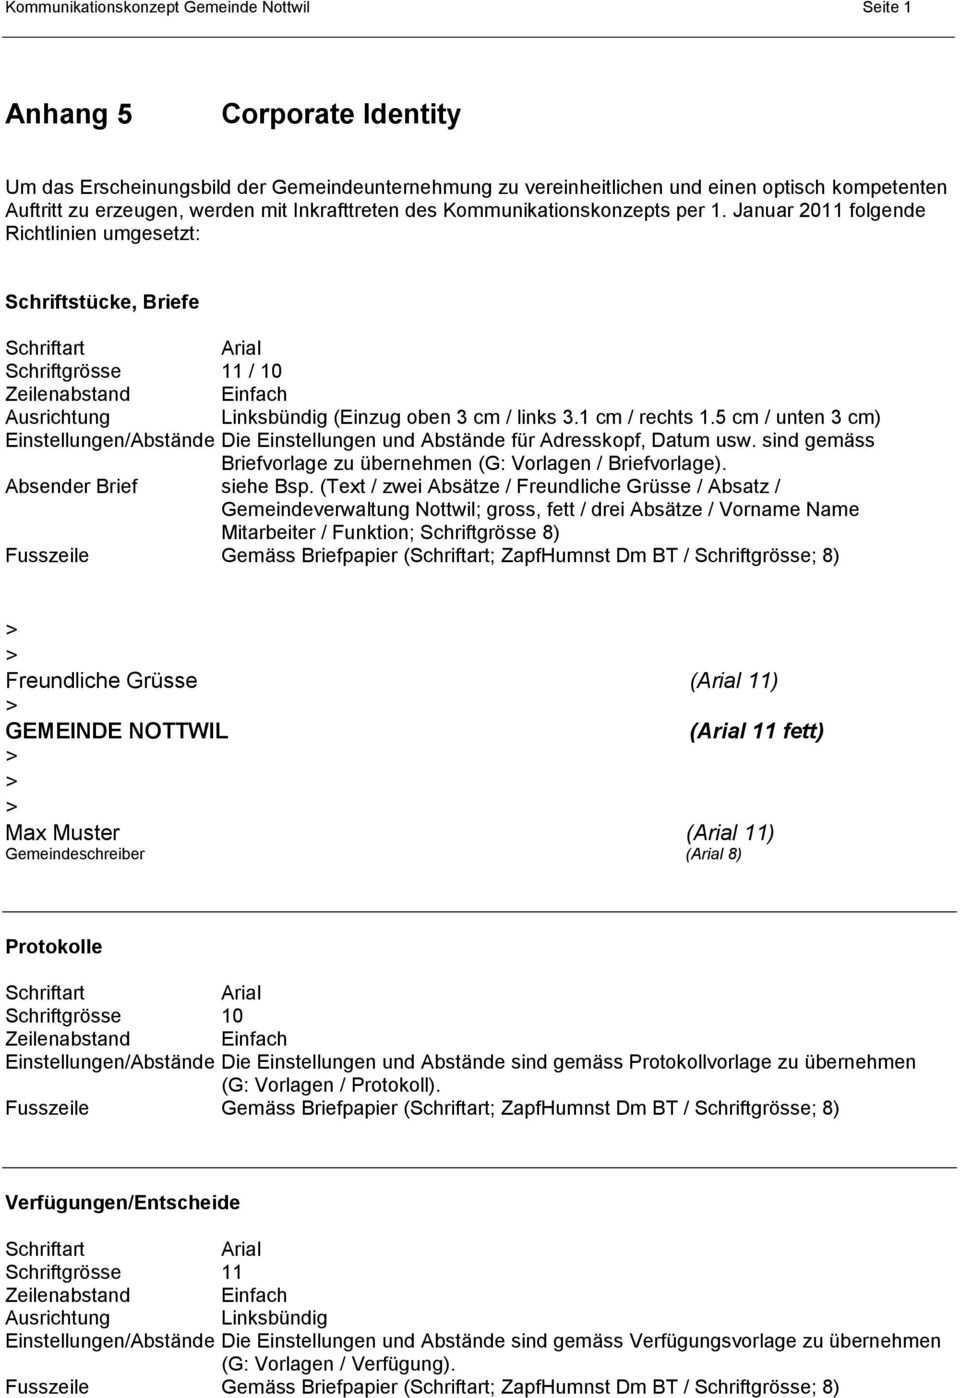 Kommunikationskonzept Gemeinde Nottwil Pdf Kostenfreier Download